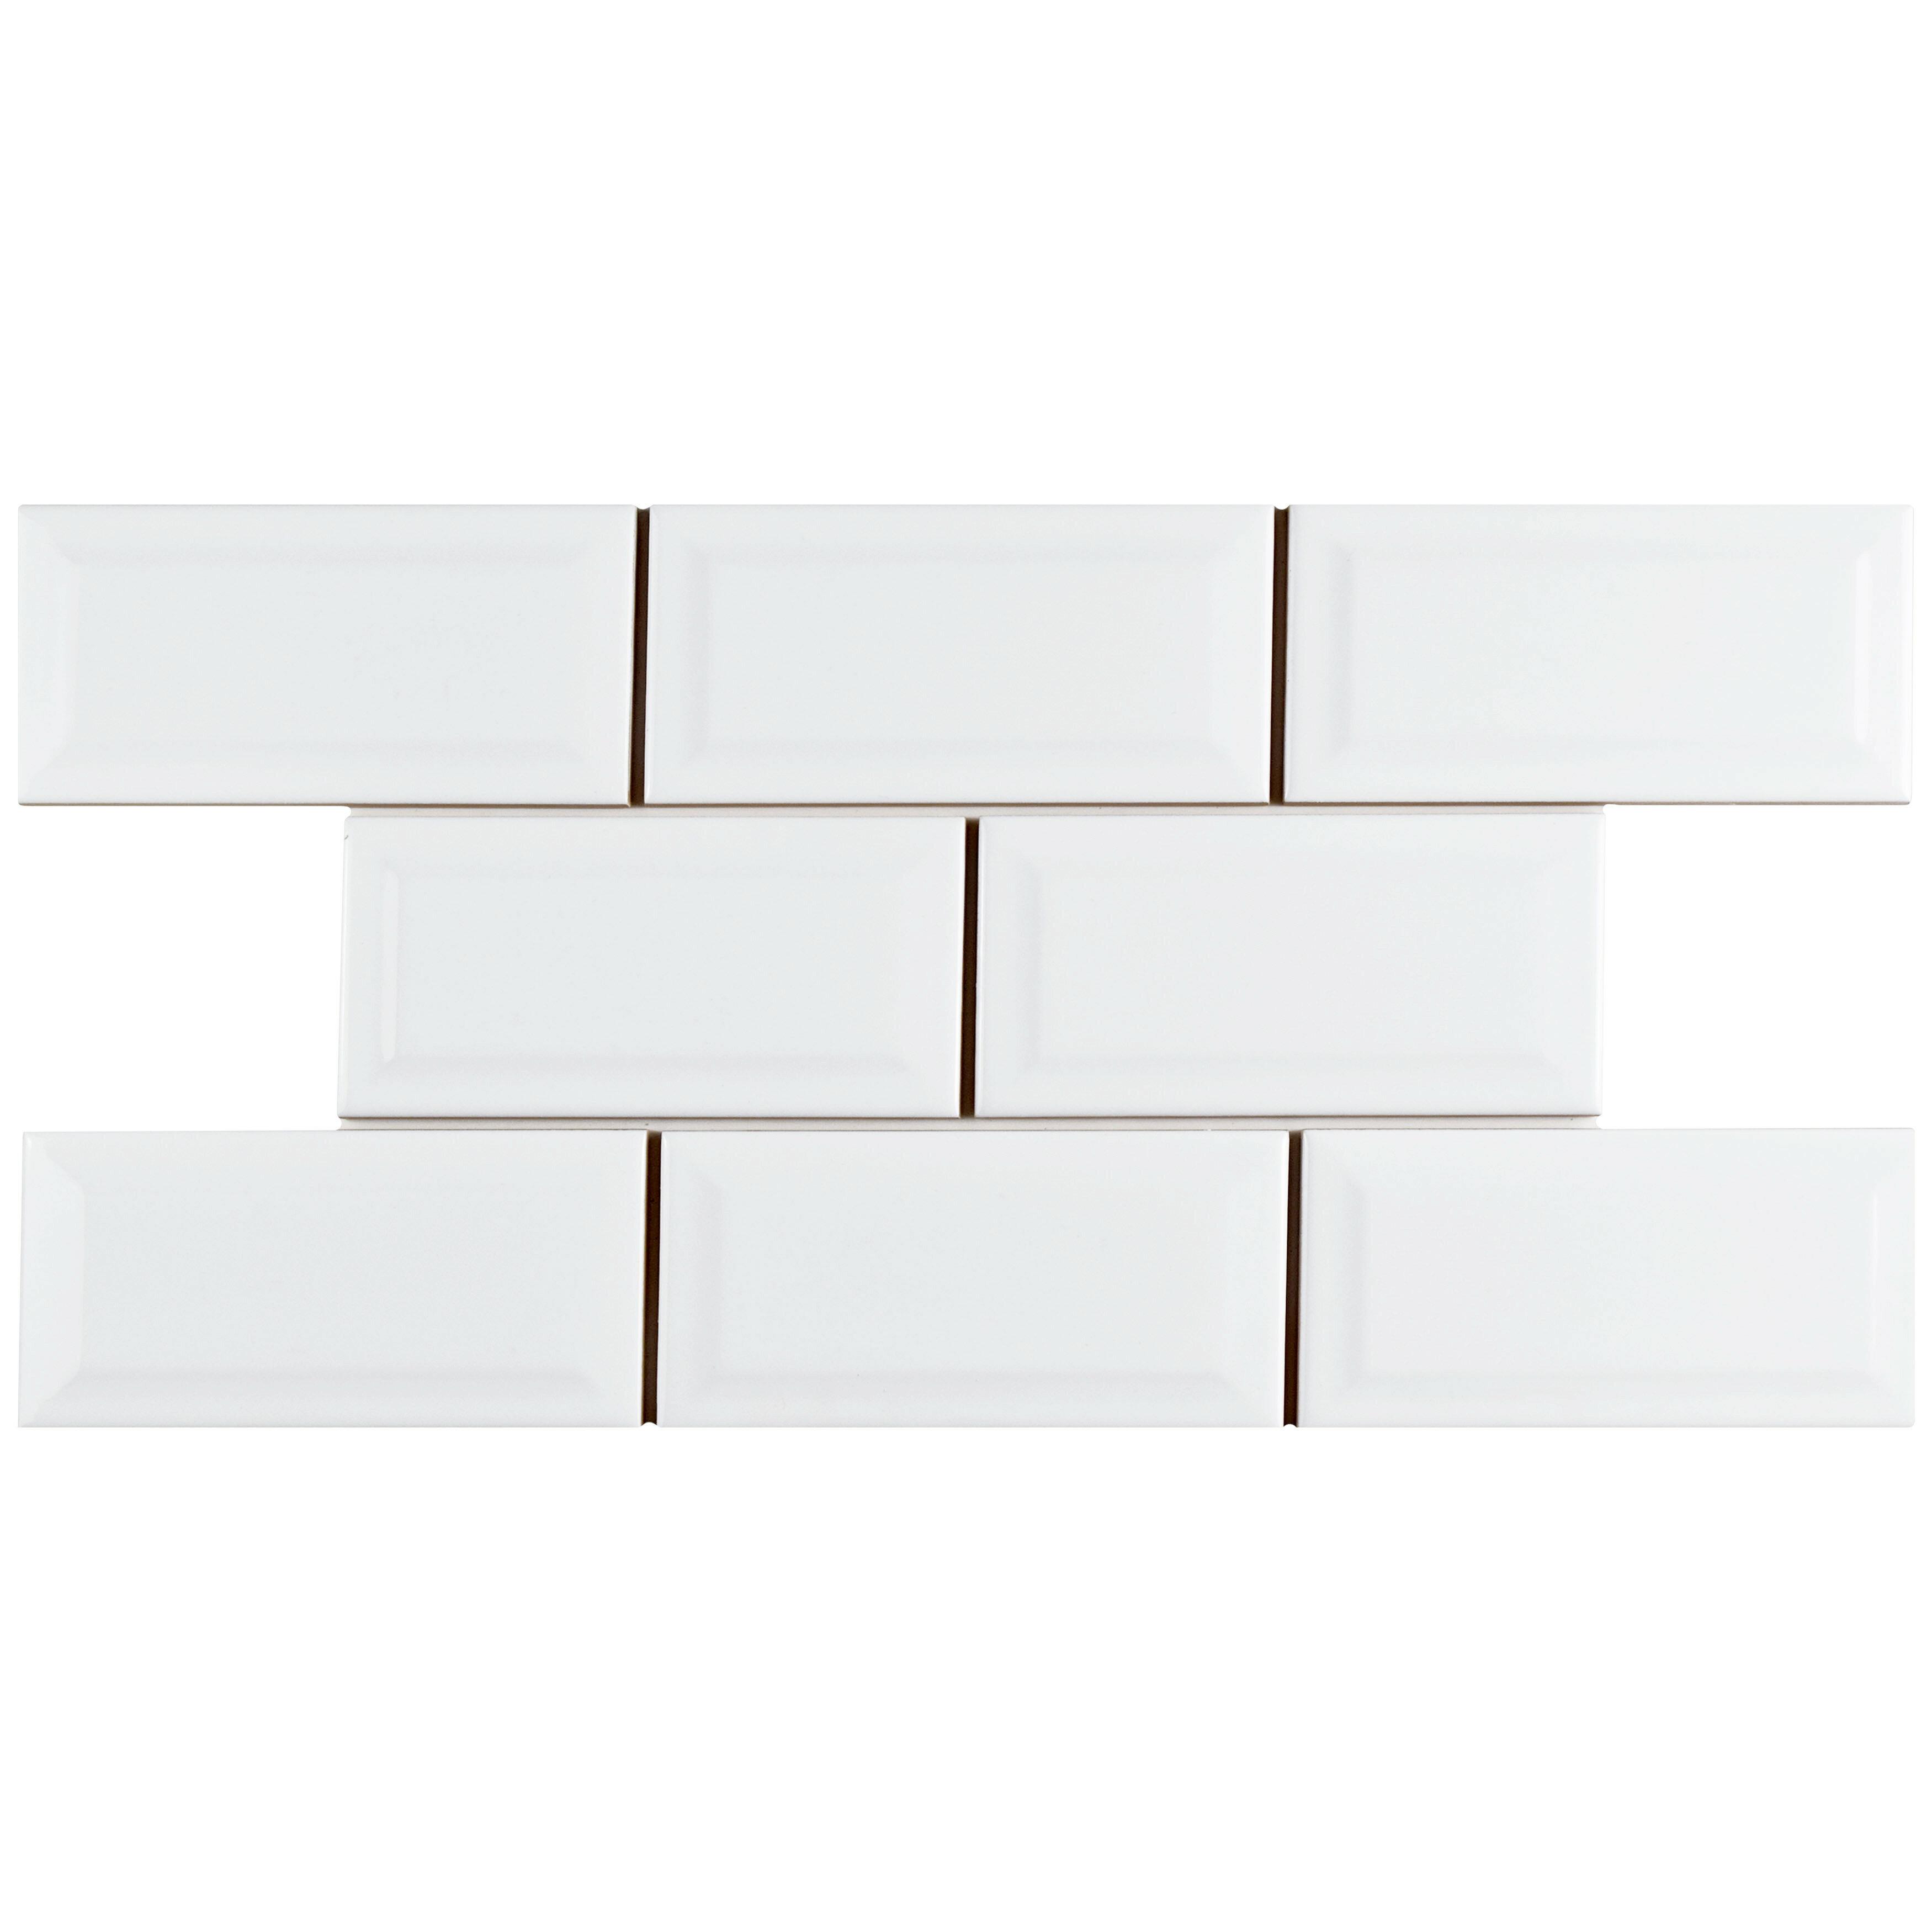 Elitetile prospect 3 x 6 beveled ceramic subway tile in glossy elitetile prospect 3 x 6 beveled ceramic subway tile in glossy white reviews wayfair dailygadgetfo Choice Image